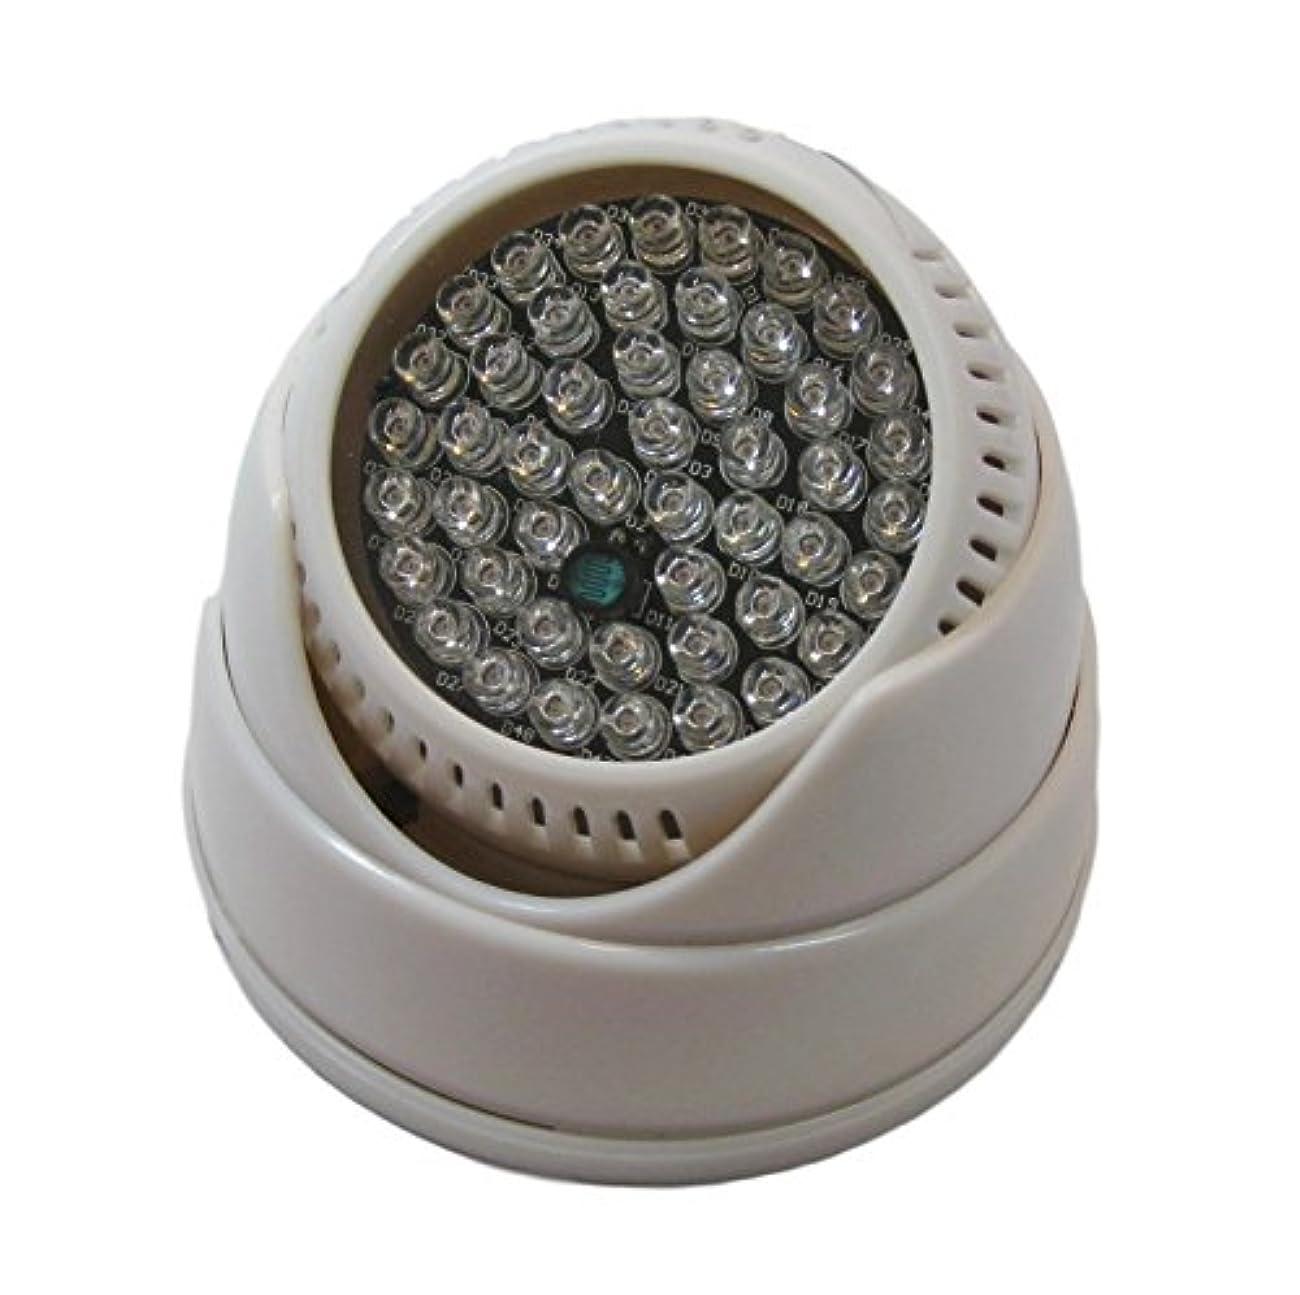 かみそり申込み部分的にStork Corp 赤外線 照明 ライト LED 48灯 光量センサー 自動点灯 940nm (ホワイト)